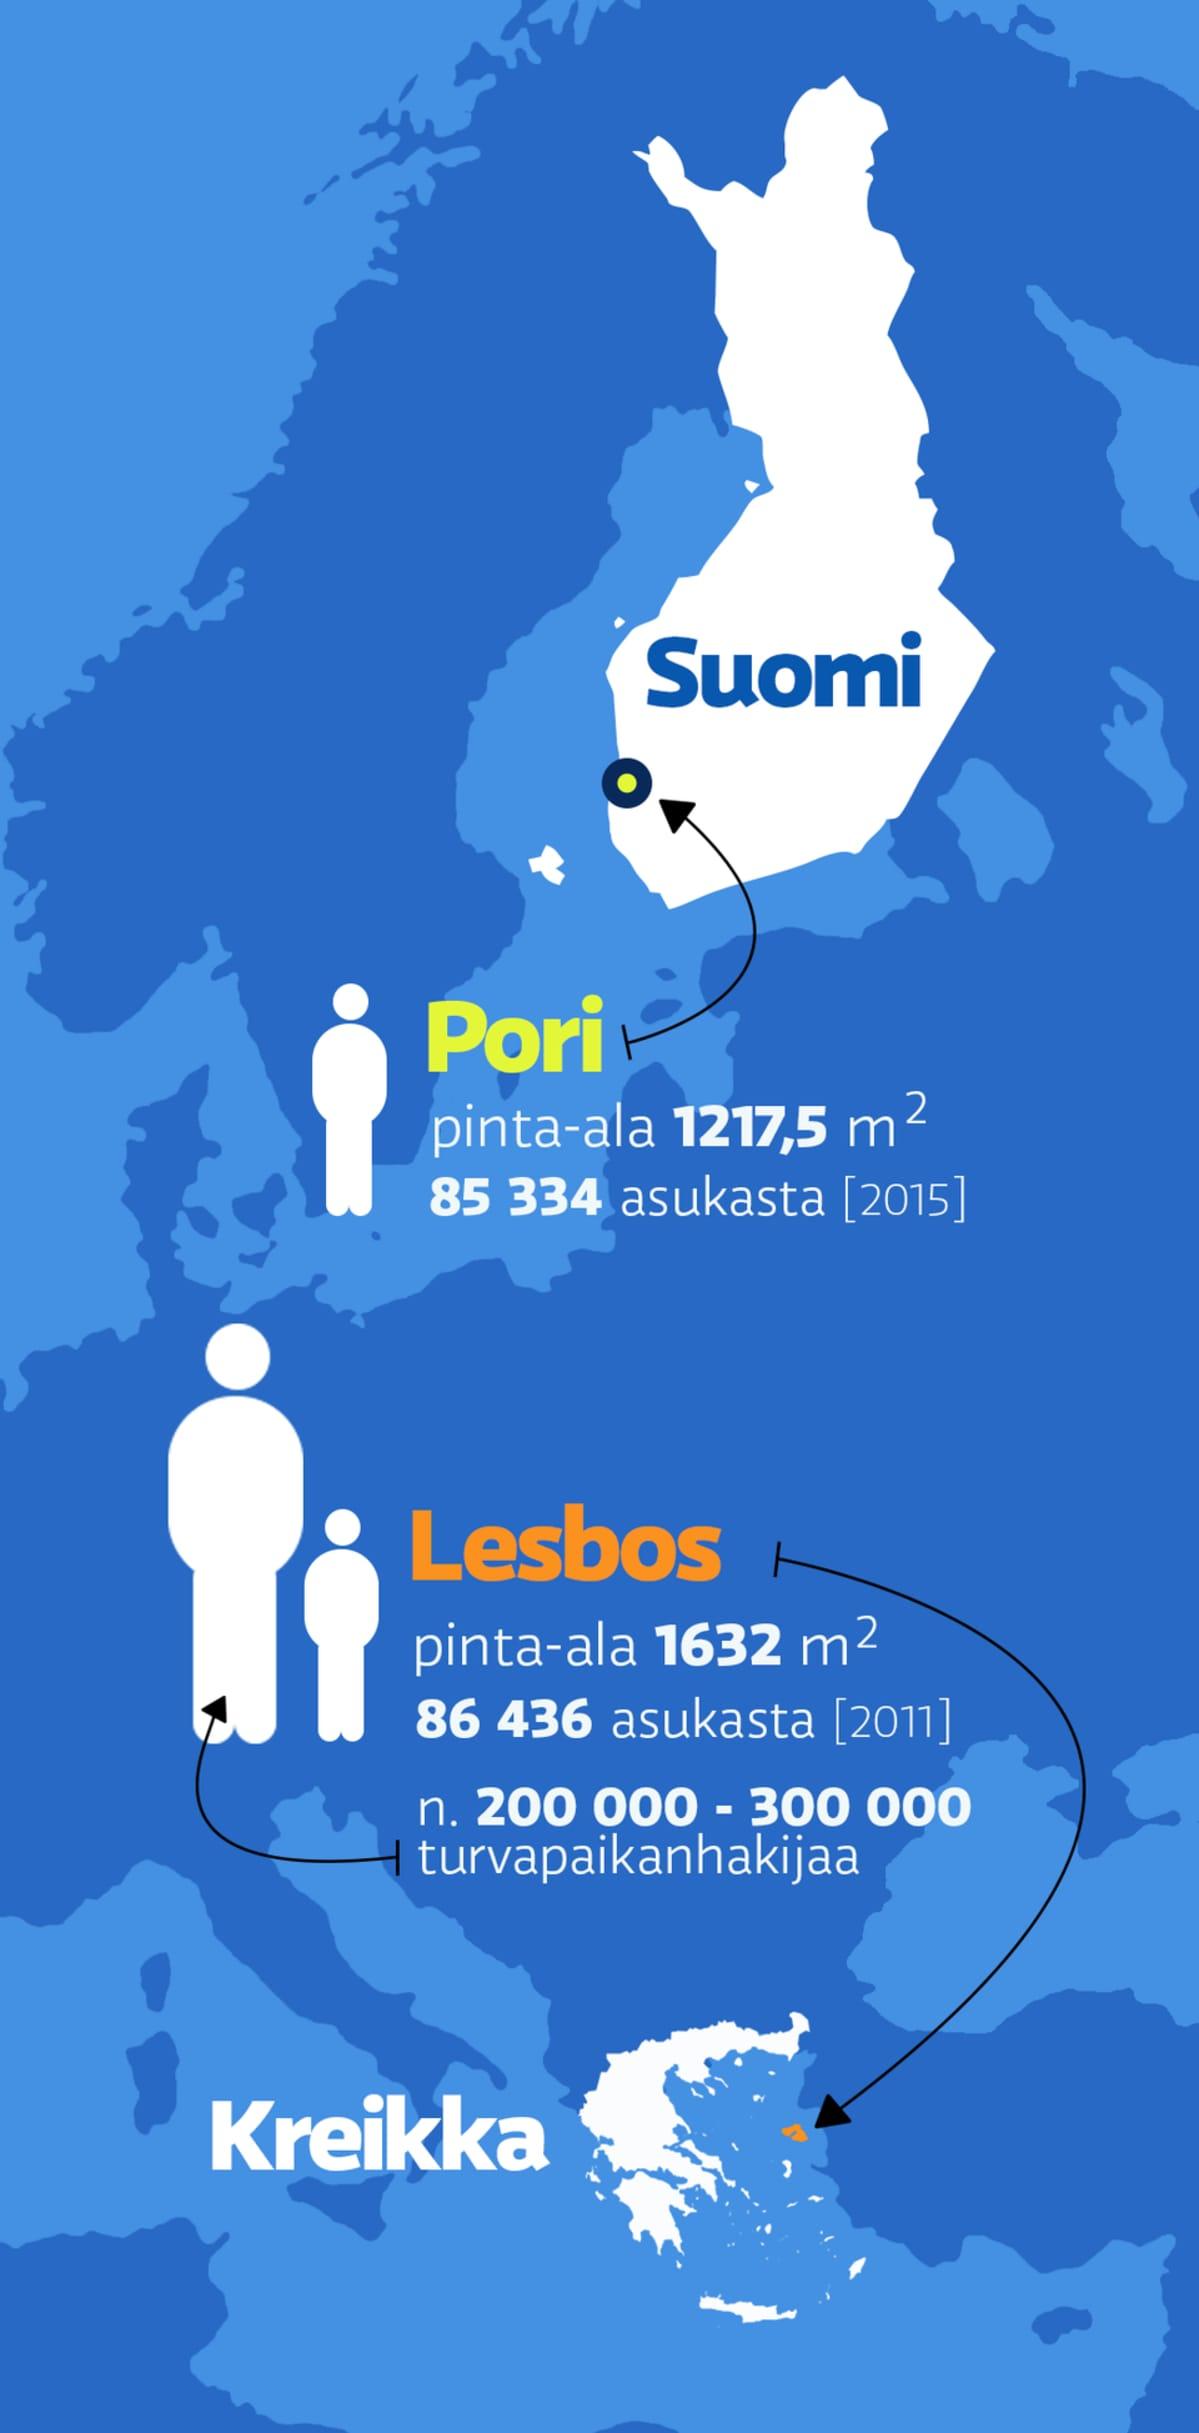 Grafiikka Porin ja Lesboksen asukasluvuista